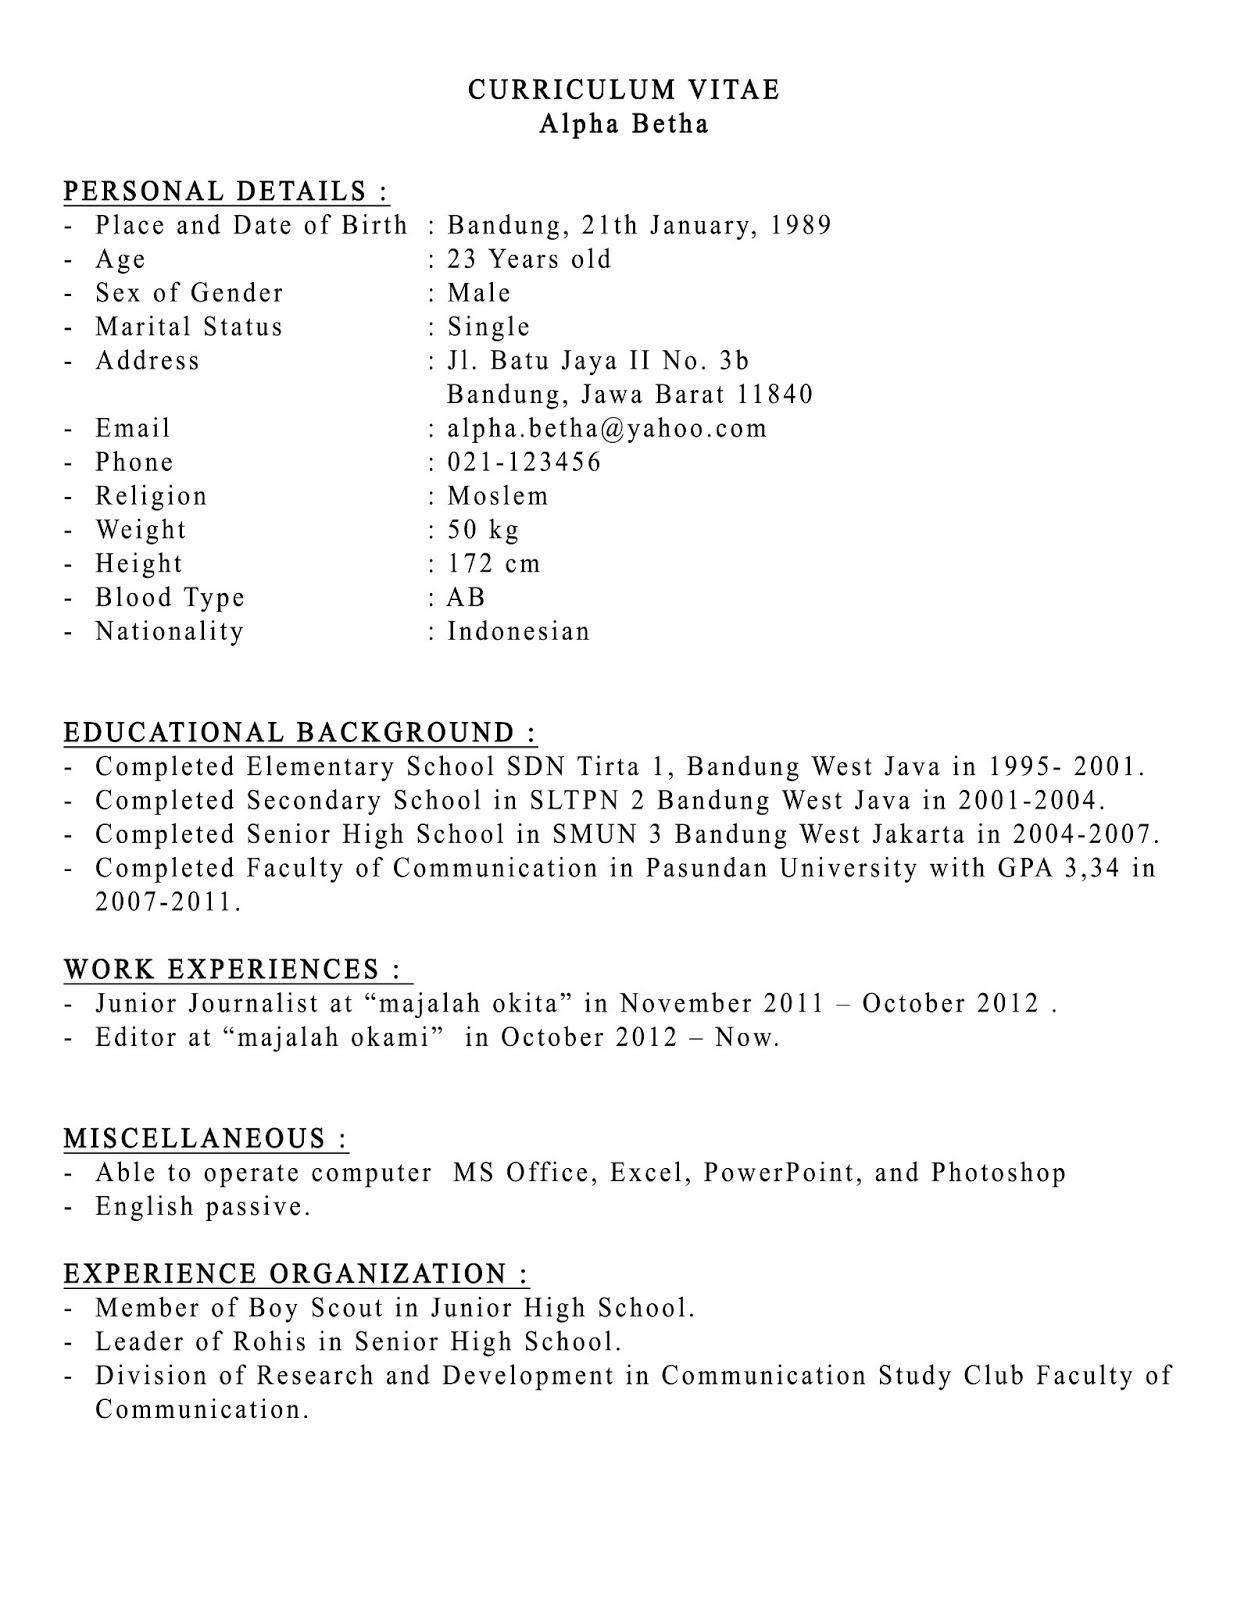 Contoh Curriculum Vitae | newhairstylesformen2014.com